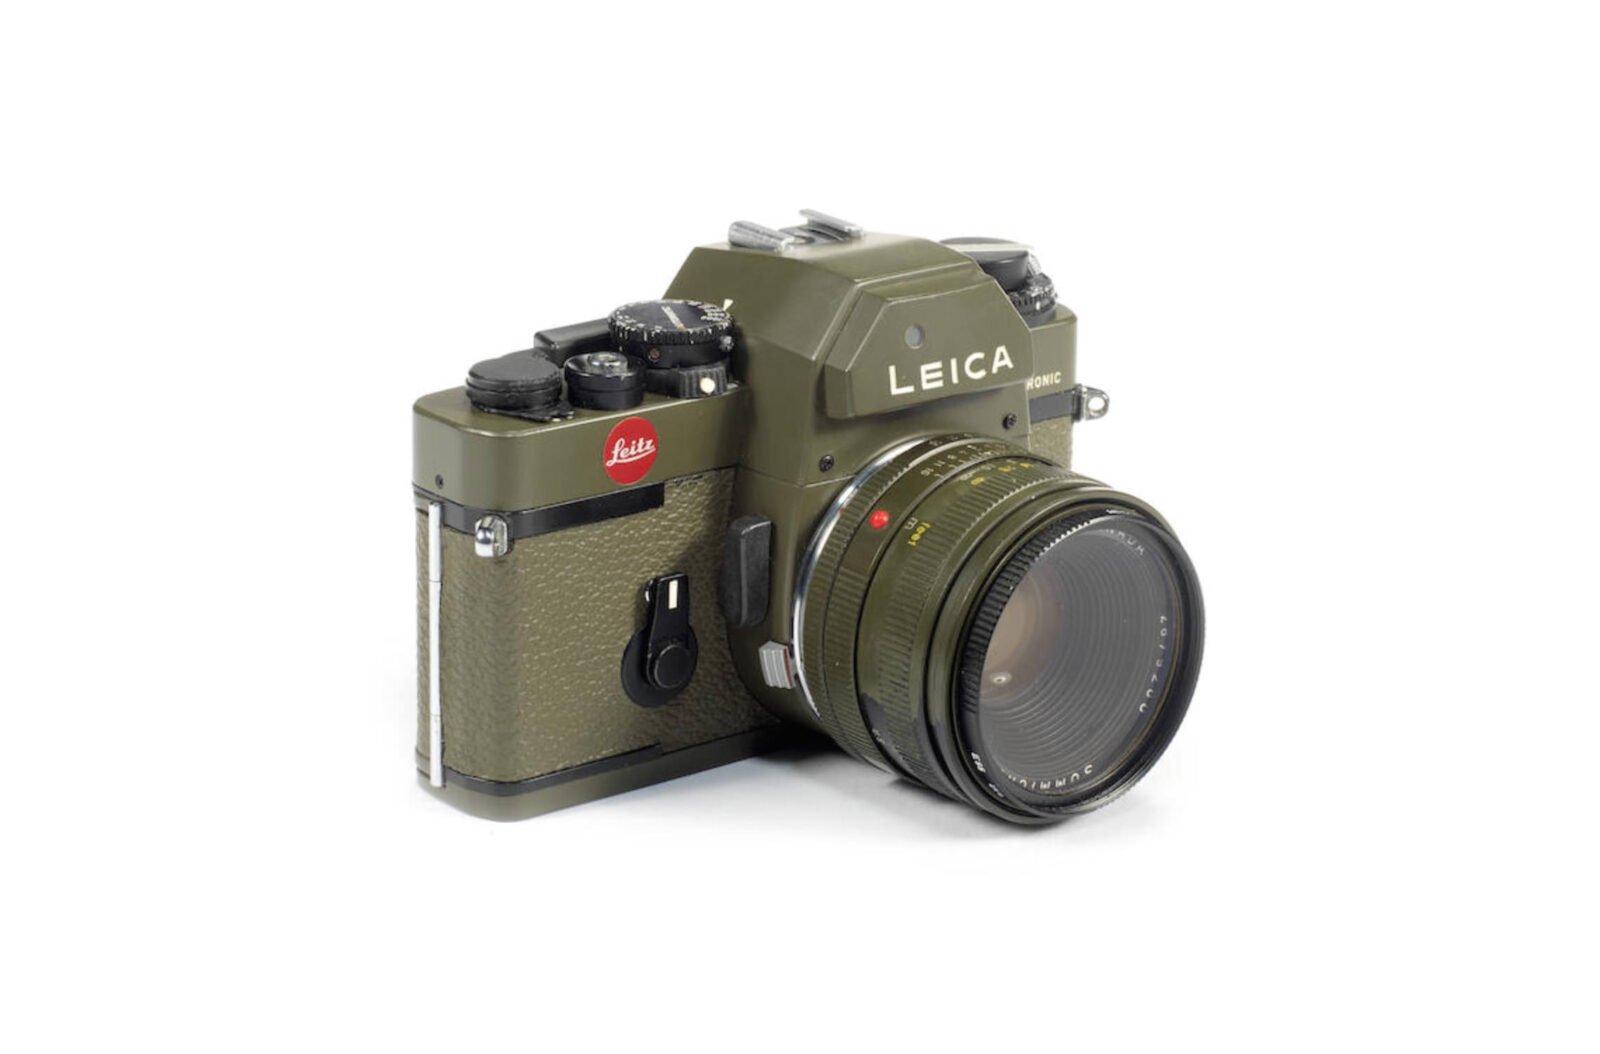 Leica R3 Safari 1600x1054 - Leica R3 Safari